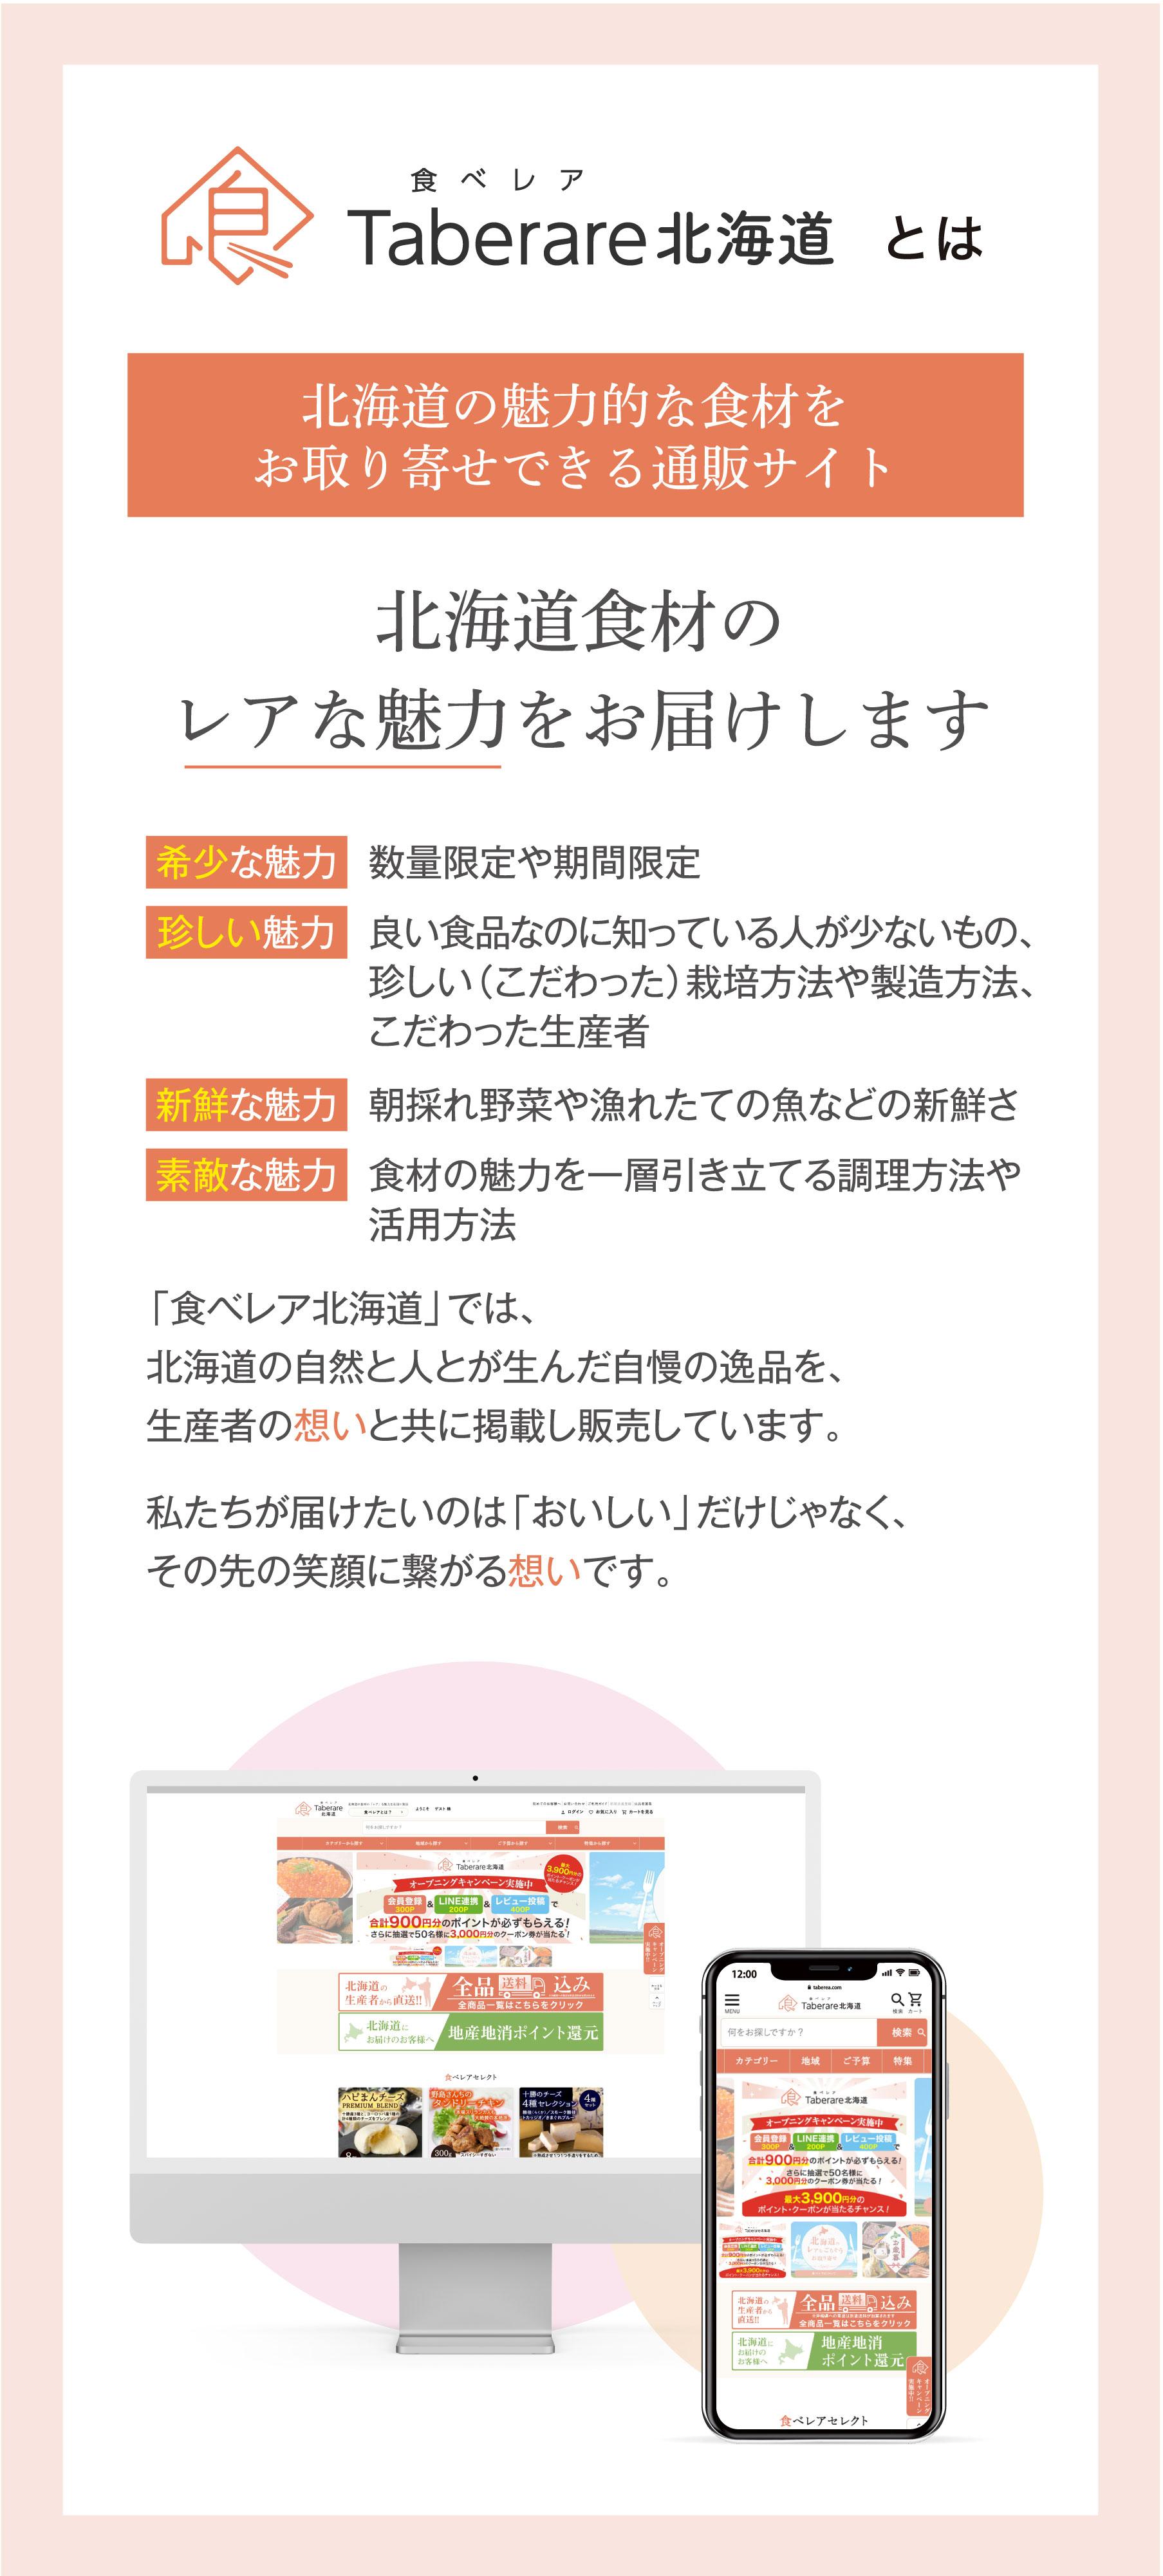 食べレア北海道とは北海道の魅力的な食材をお取り寄せできる通販サイト